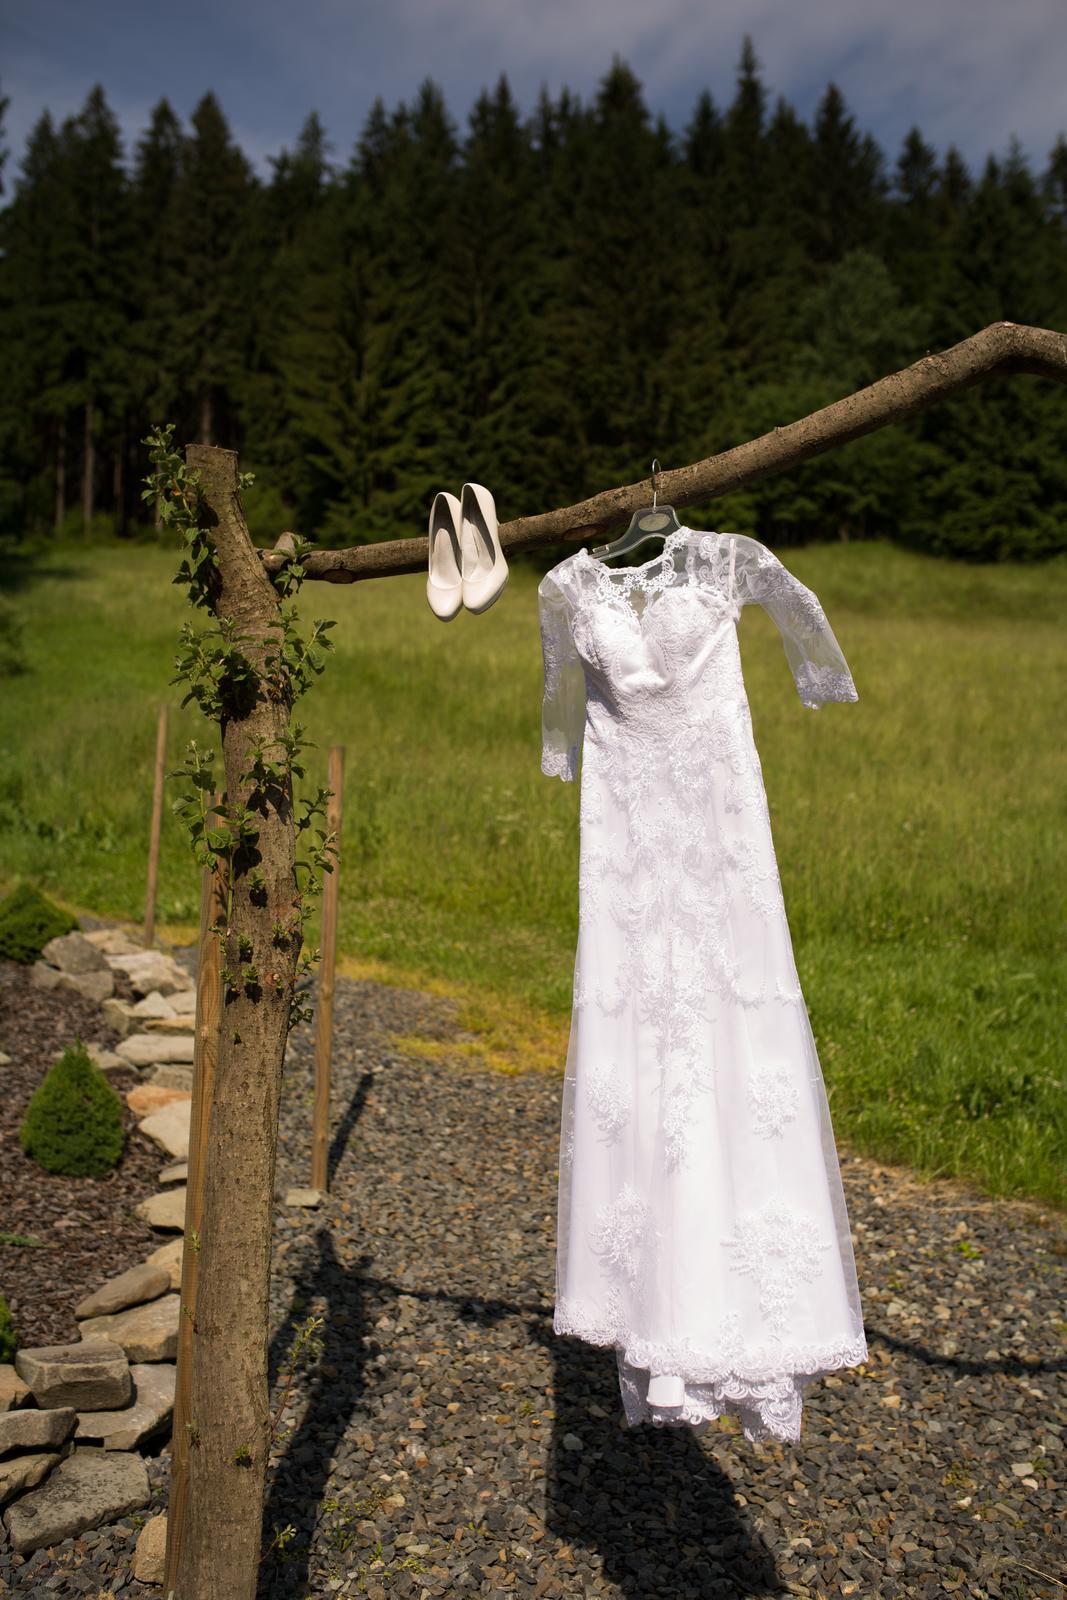 Celokrajkové svatební šaty 34-36 - Obrázek č. 3